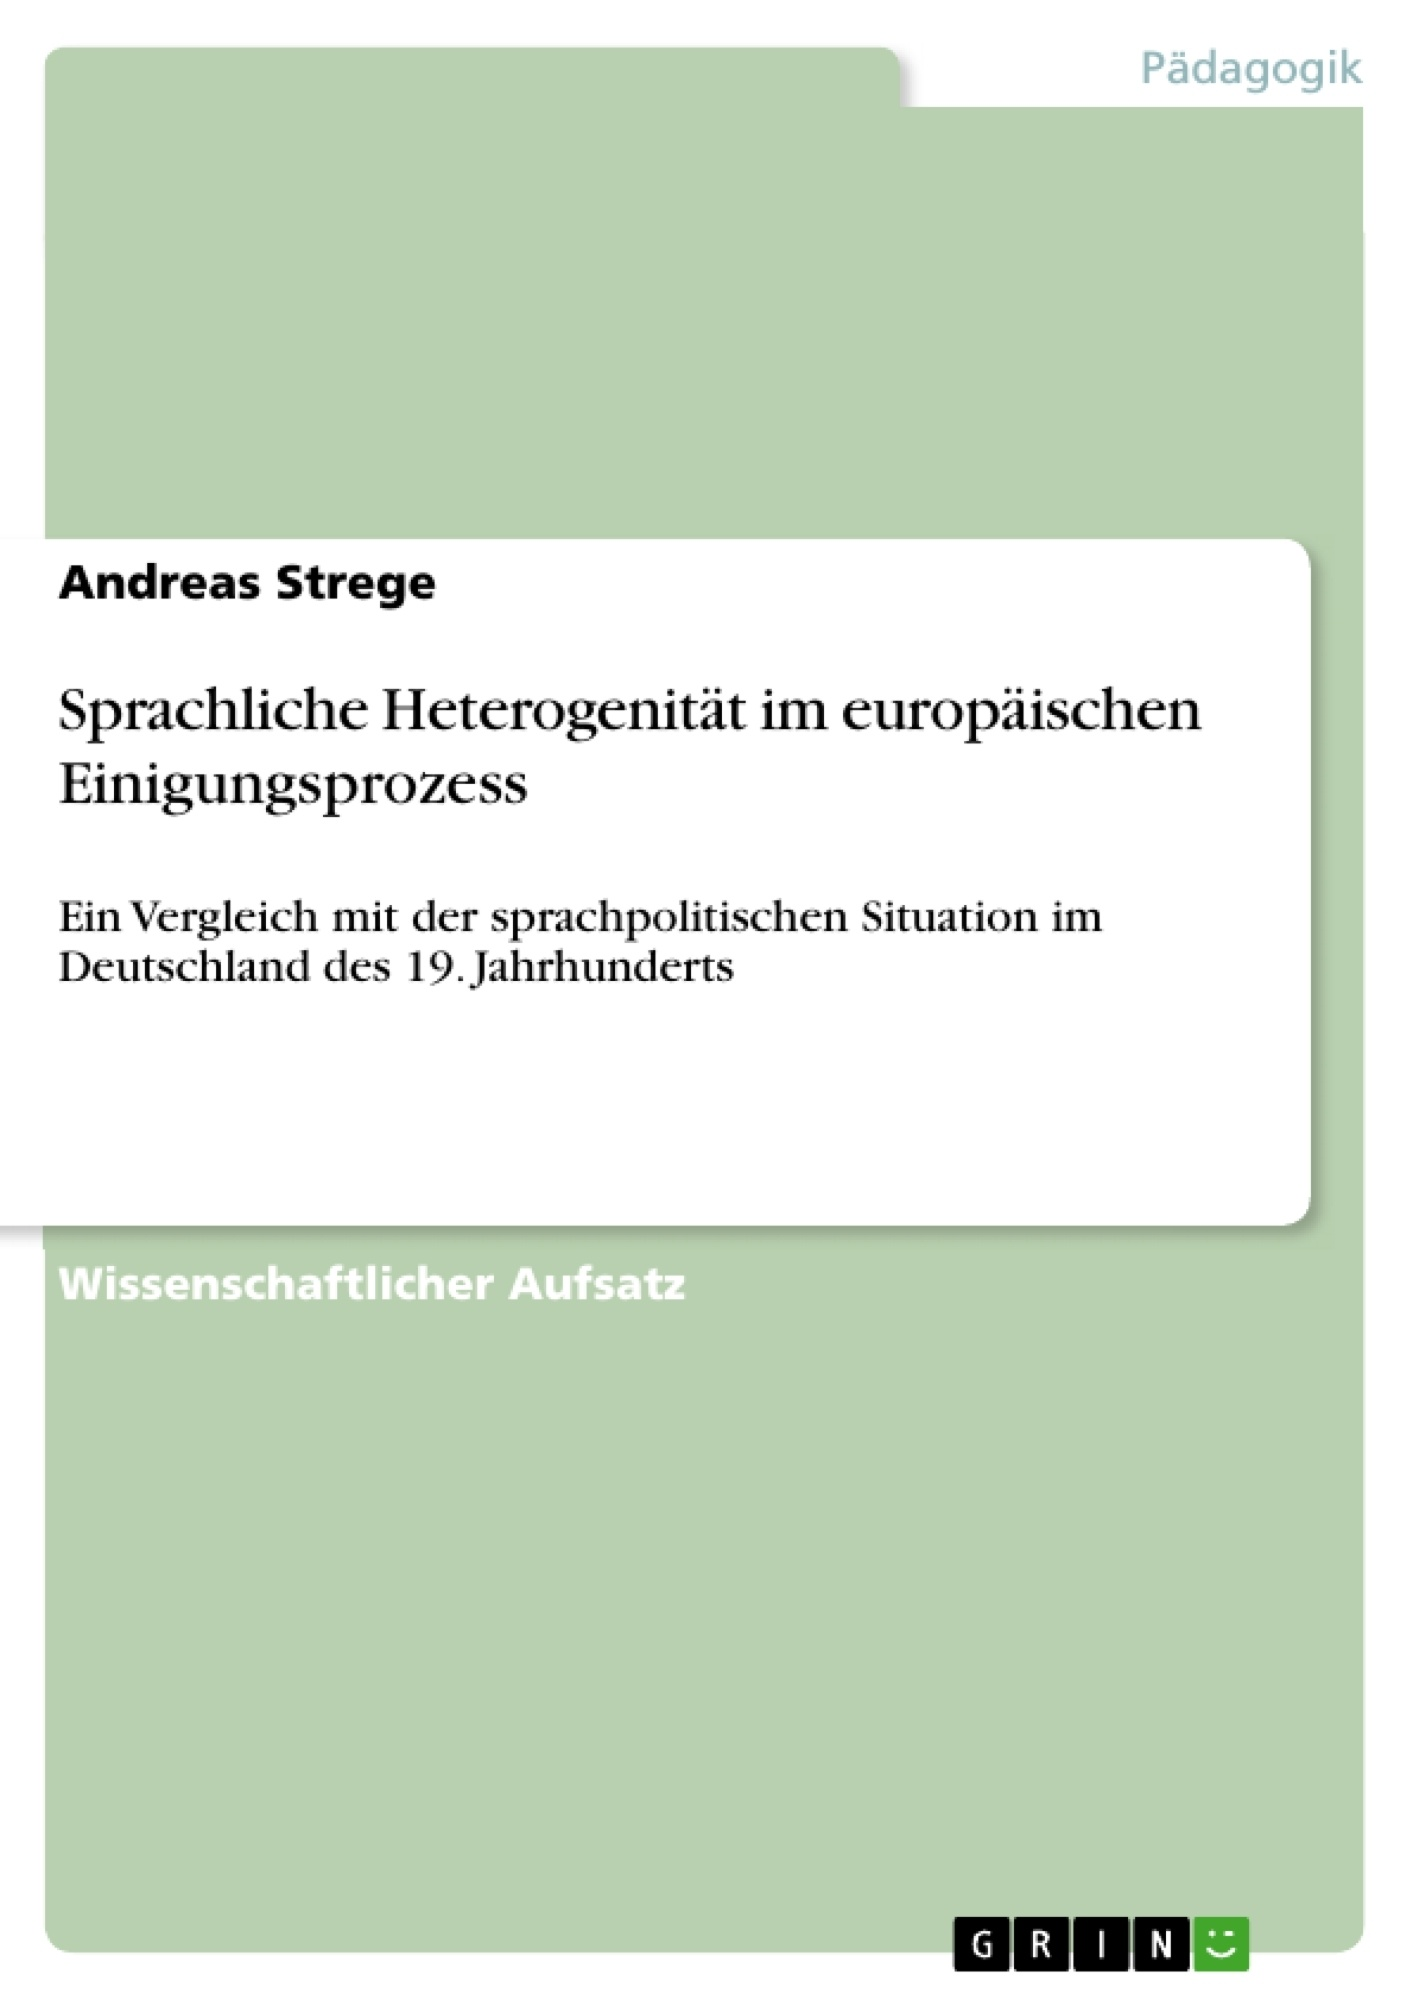 Titel: Sprachliche Heterogenität im europäischen Einigungsprozess